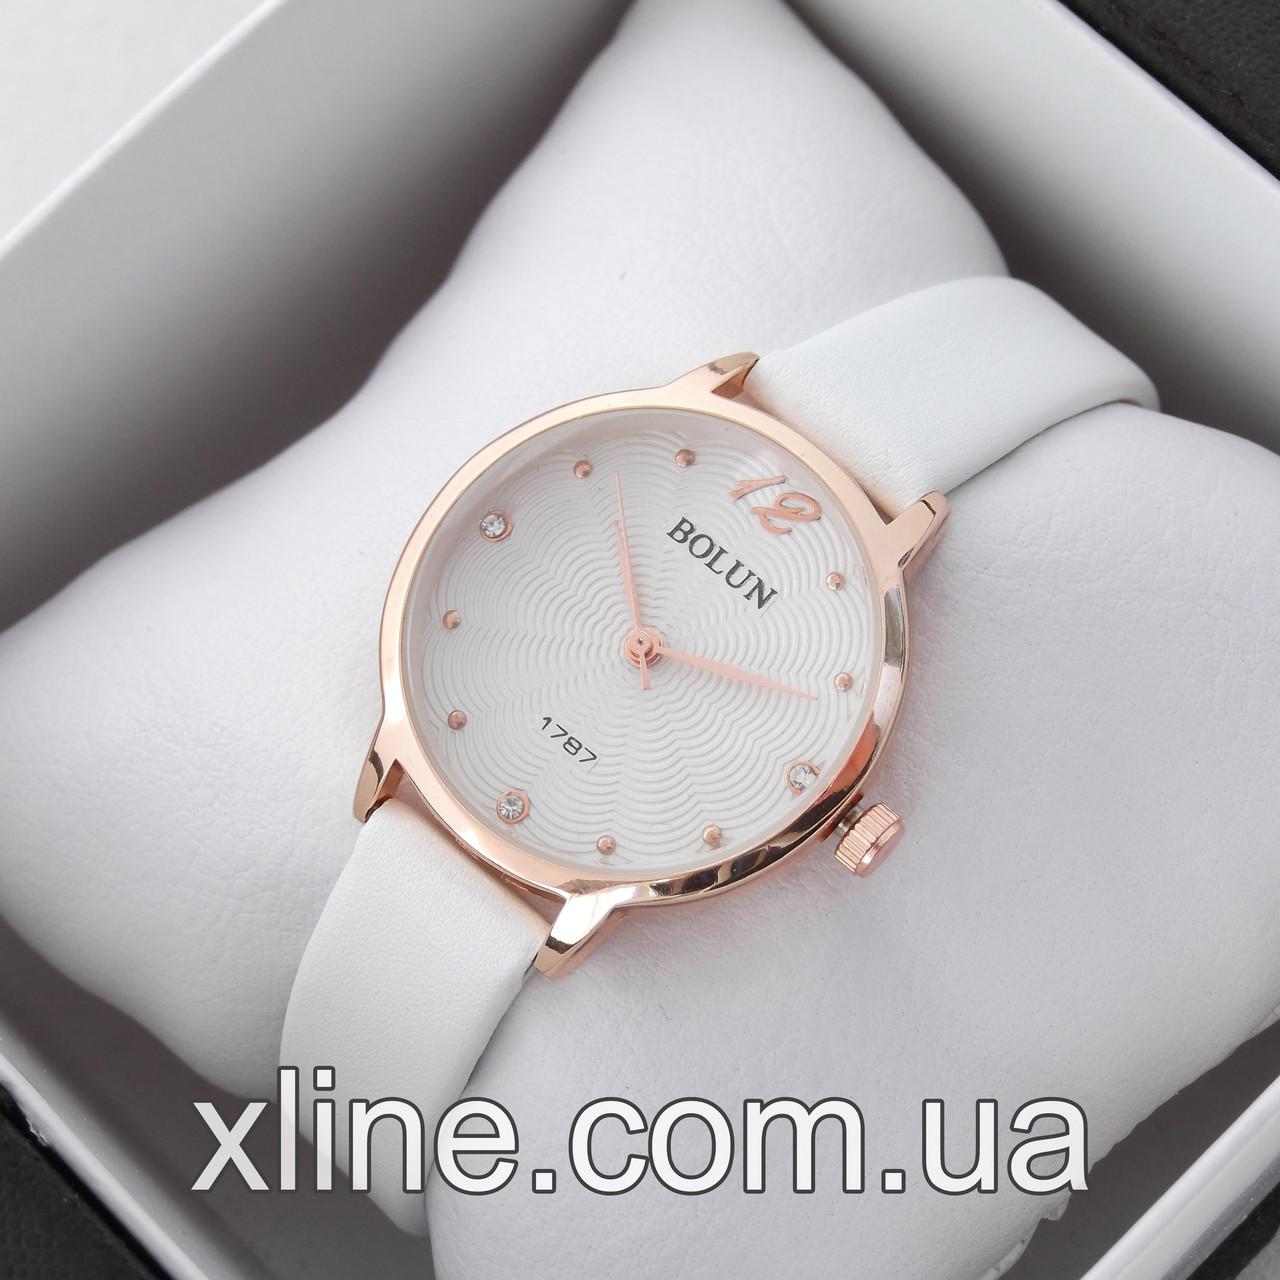 Жіночі наручні годинники Bolun 4979L на шкіряному ремінці